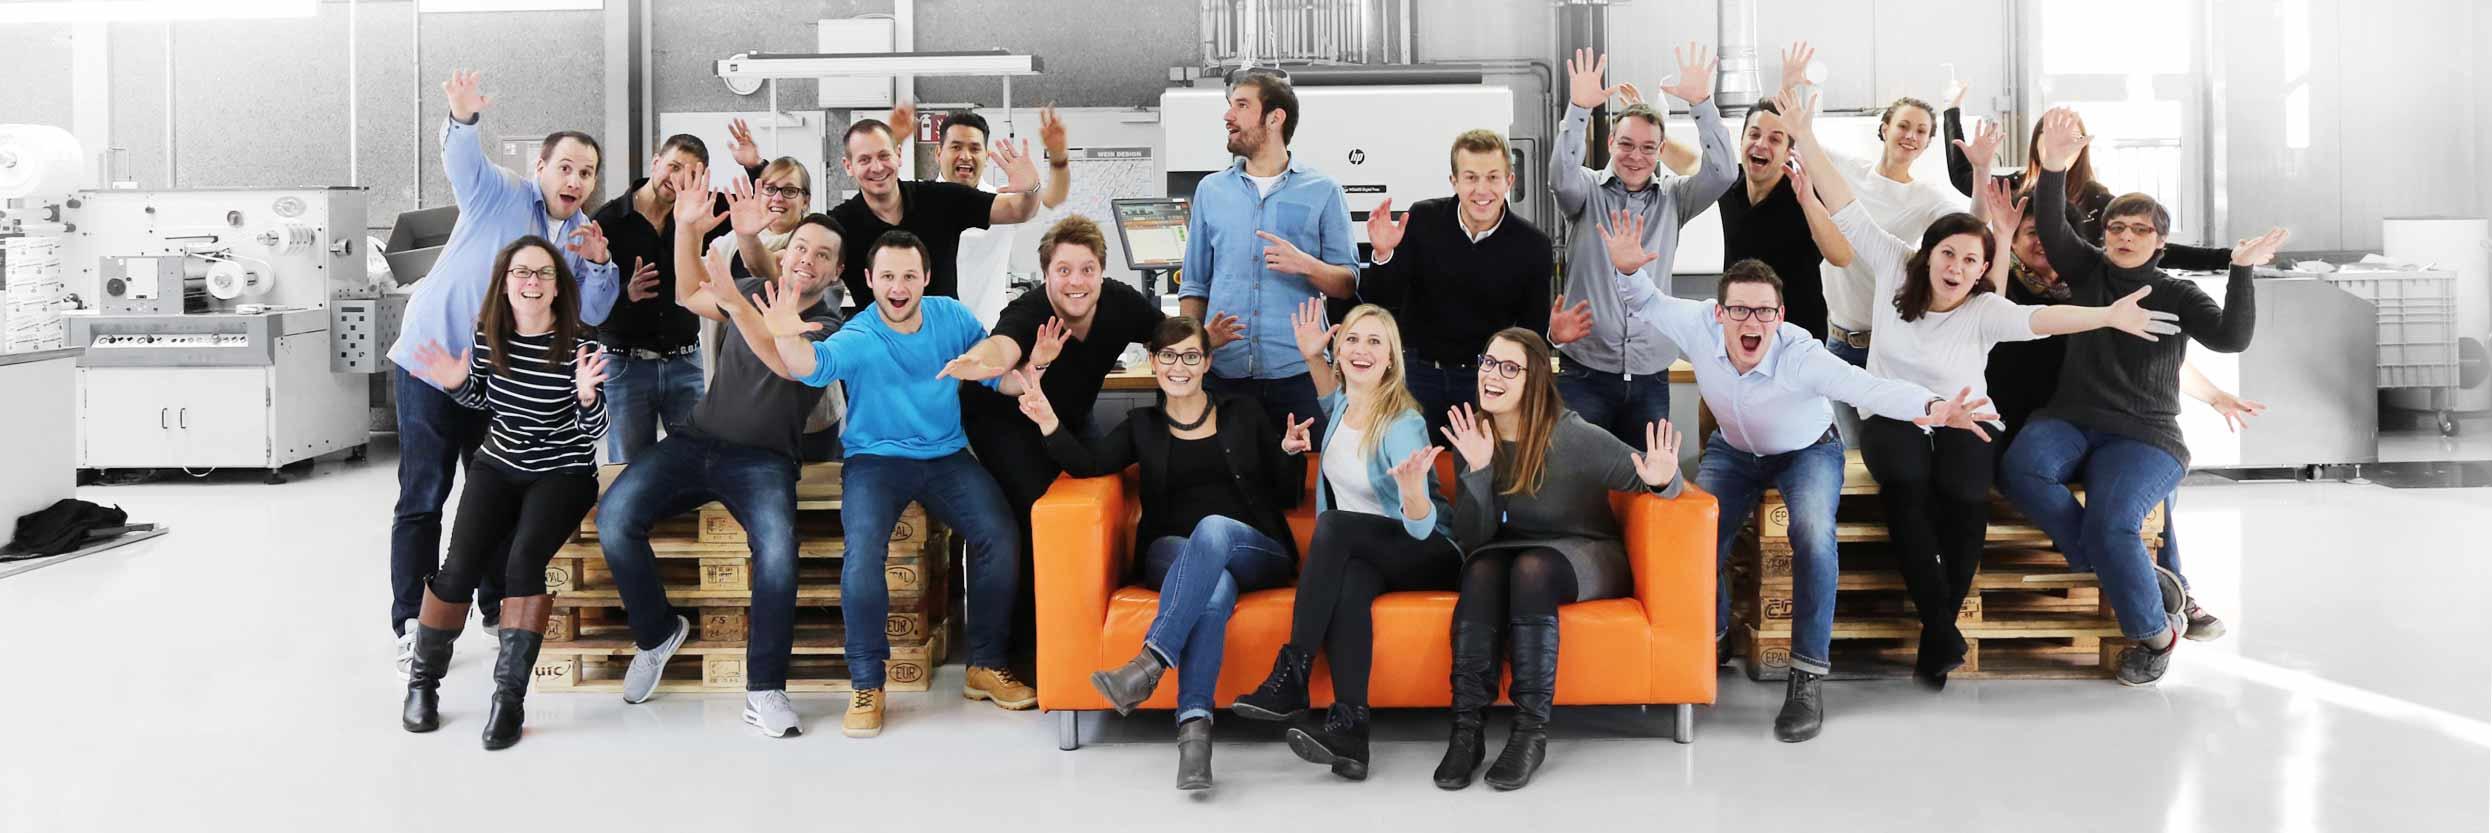 Arbeiten für den Etikettenhersteller etikett.de |Bewirb Dich jetzt